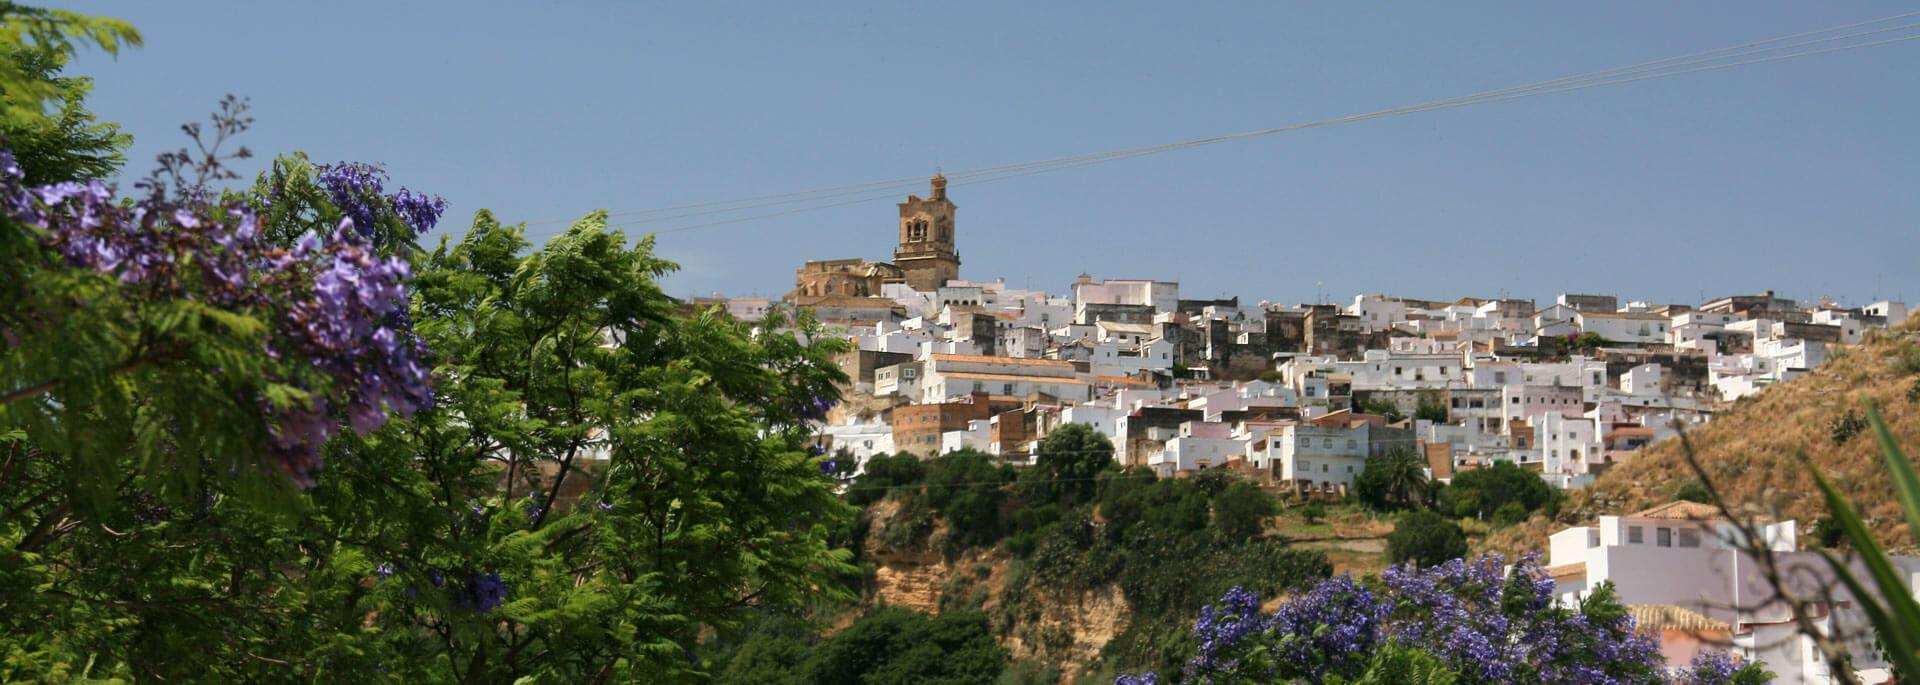 Reportage:  Andalusiens strahlend weiße Küsten